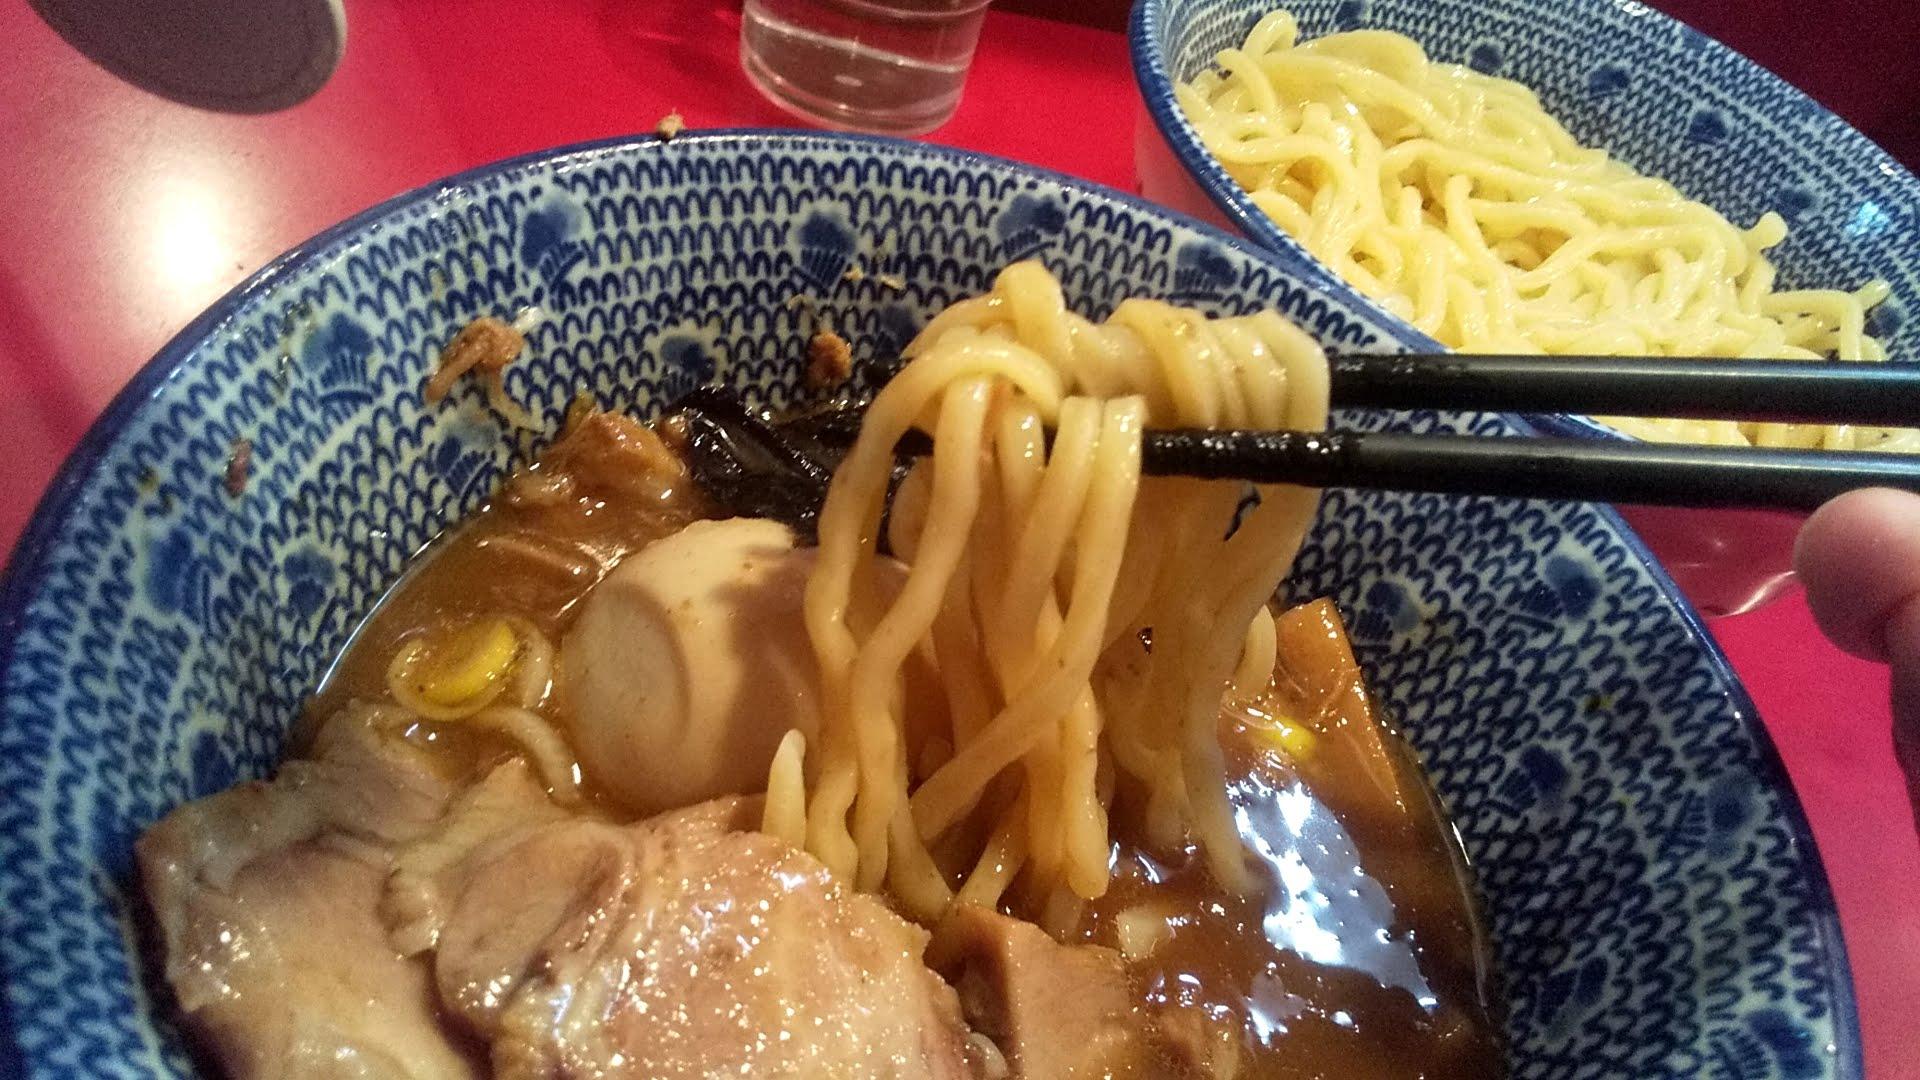 勢得の得勢つけ麺の麺リフト